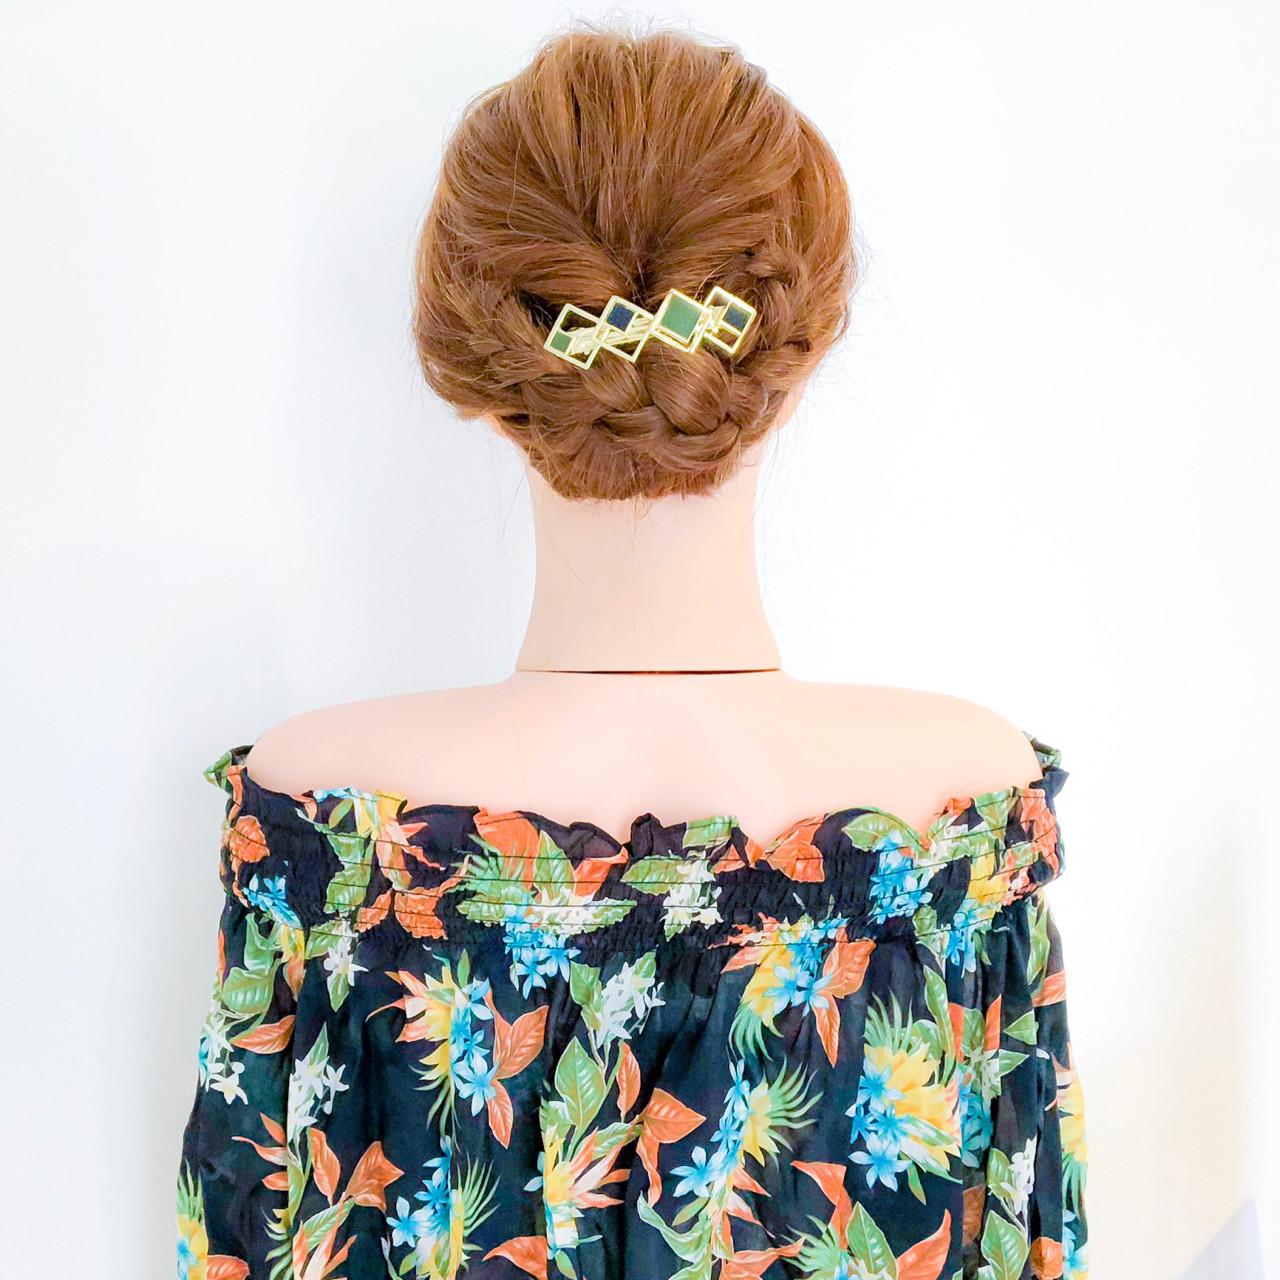 結婚式 フェミニン ヘアアレンジ 三つ編み ヘアスタイルや髪型の写真・画像